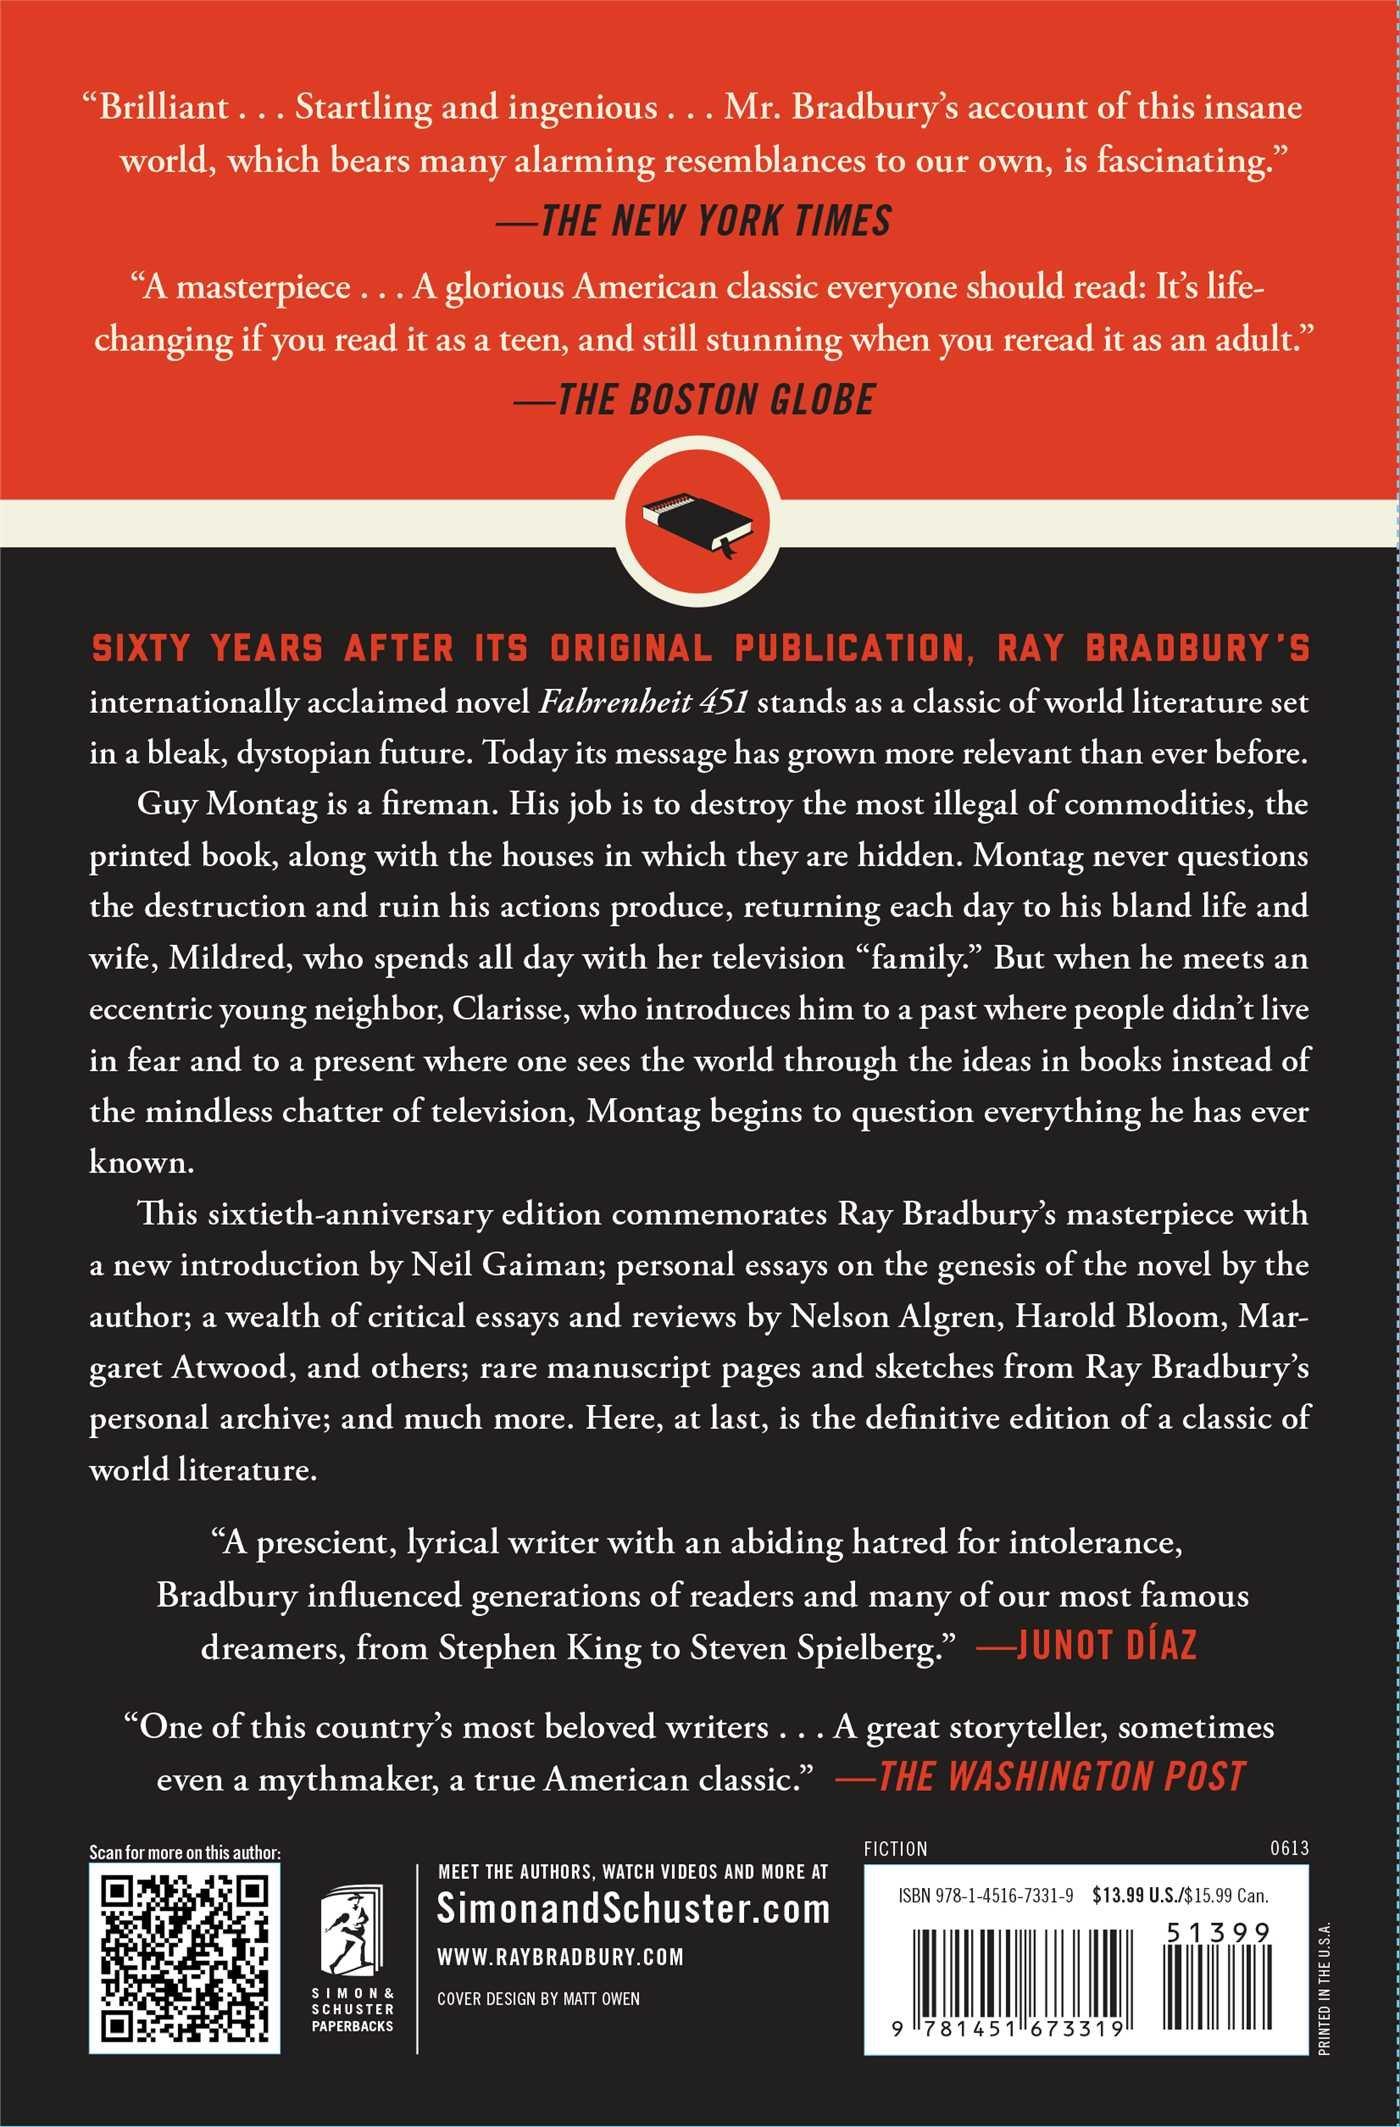 Fahrenheit 451: A Novel: Ray Bradbury: 9781451673319: Amazon.com: Books